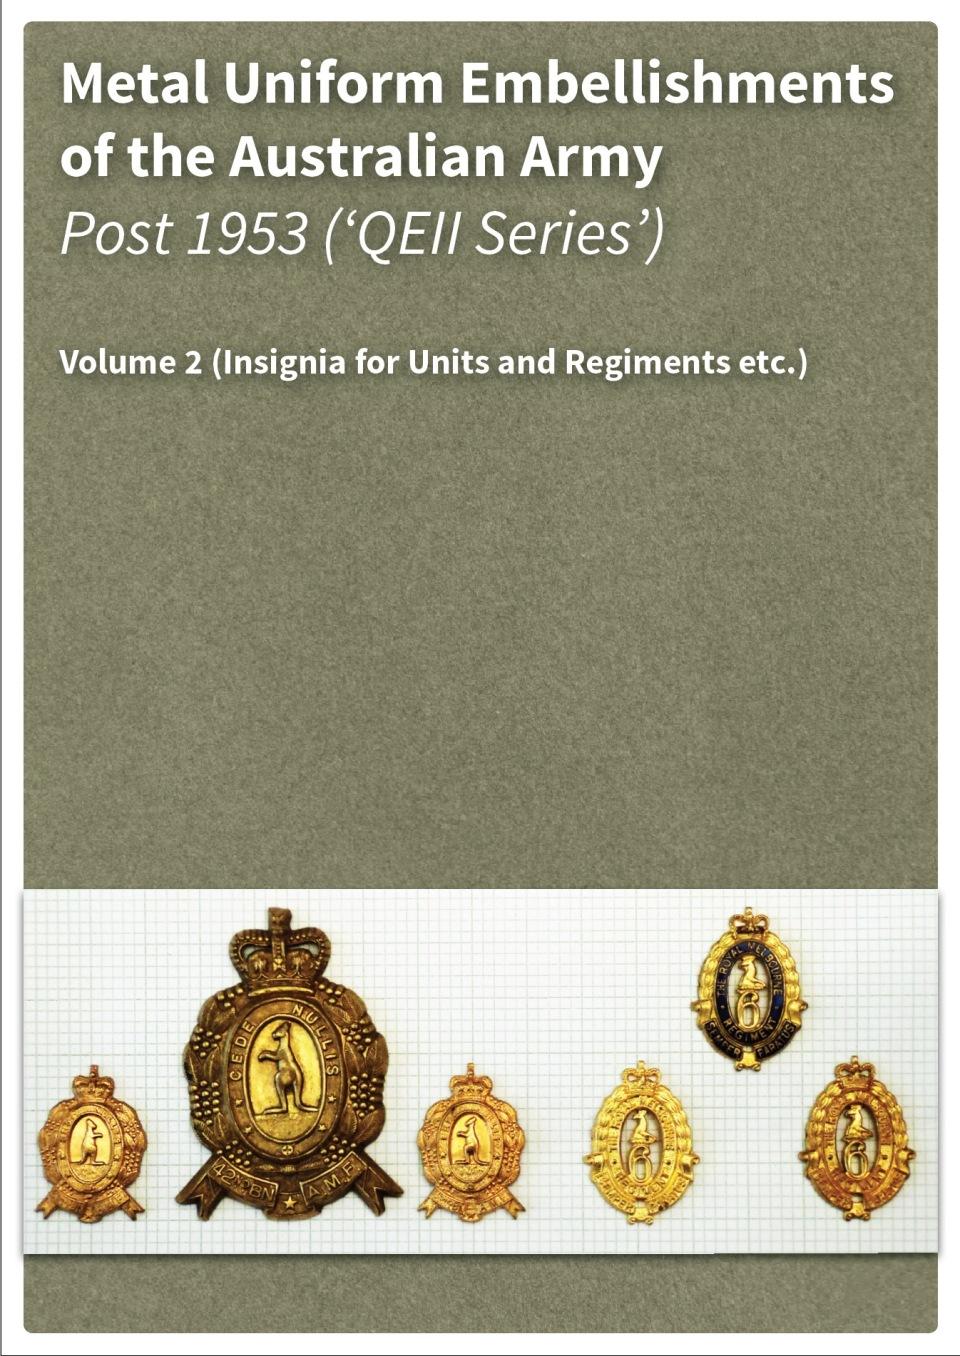 Draft Cover Design for Volume 2